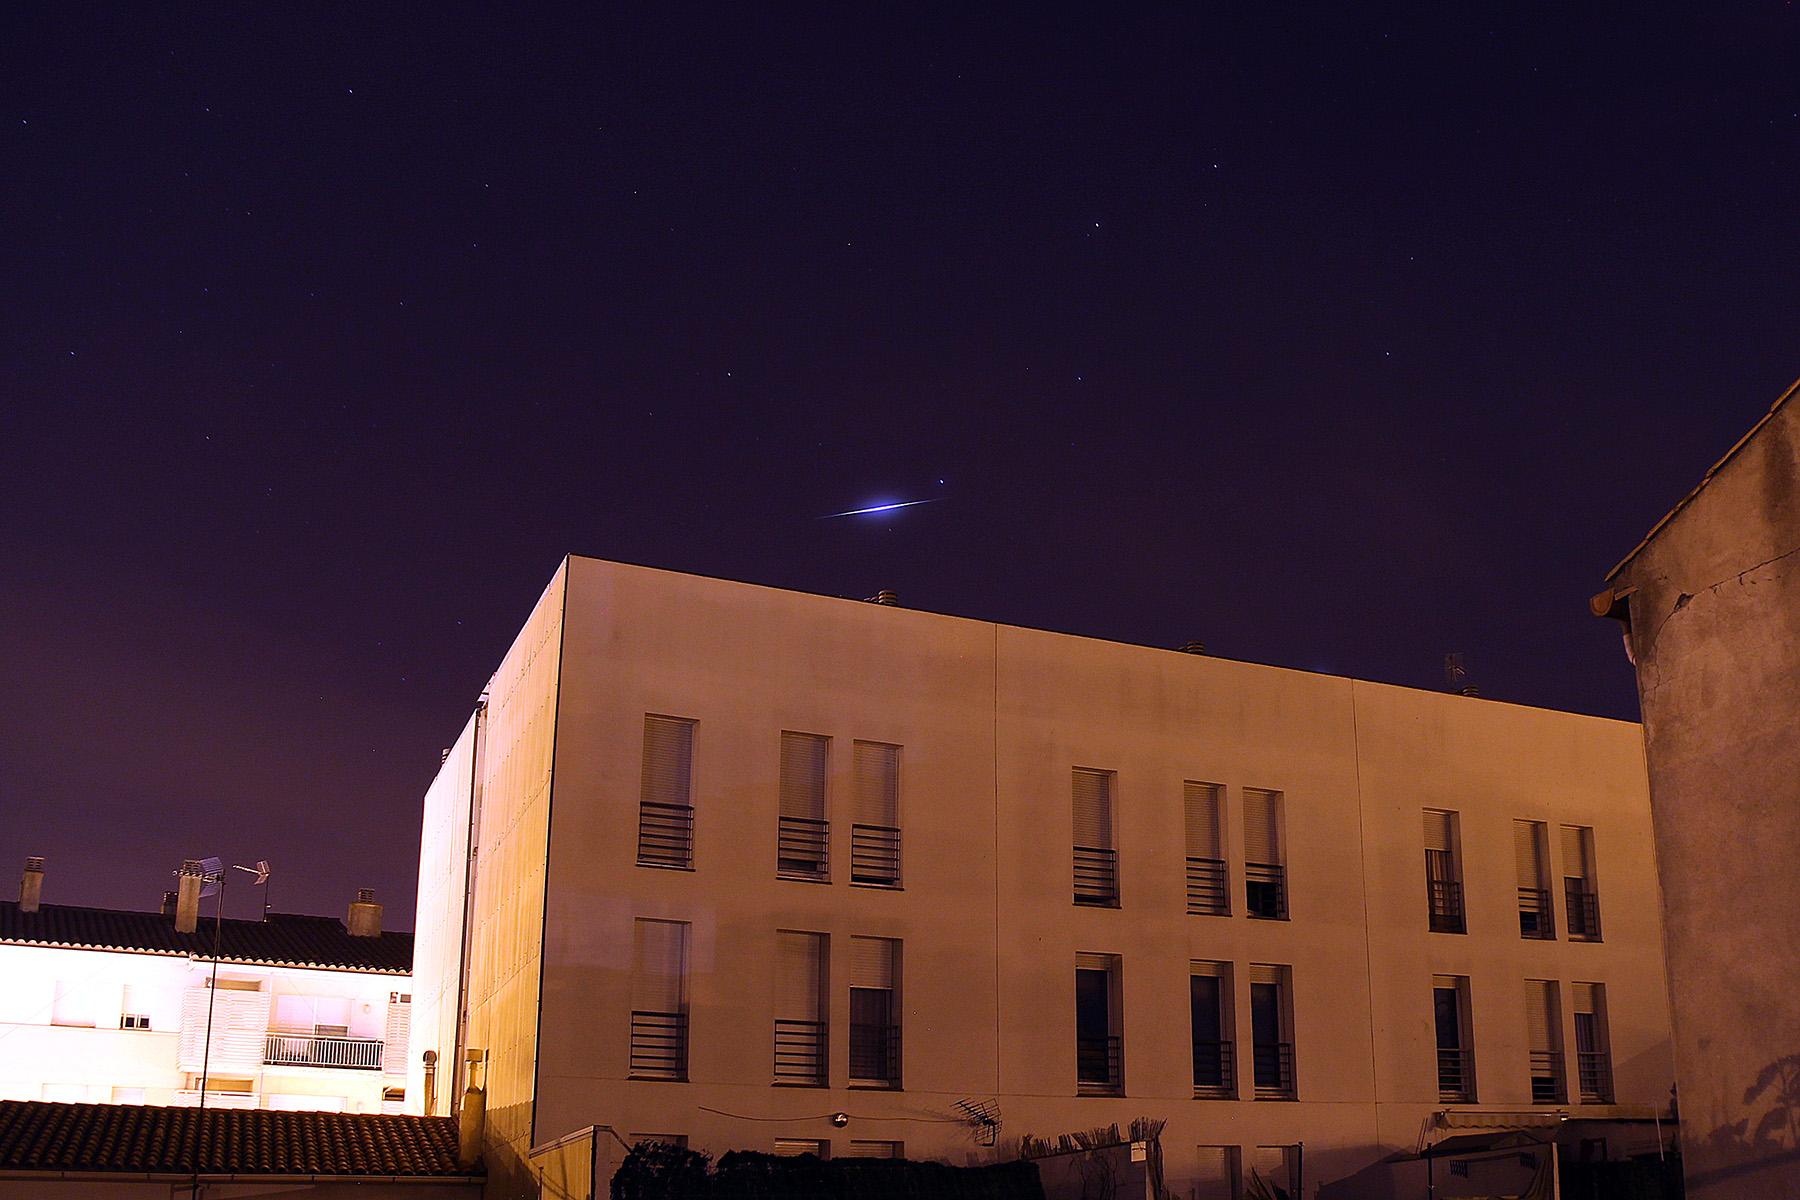 Satèl·lit Iridium magnitud -6.5